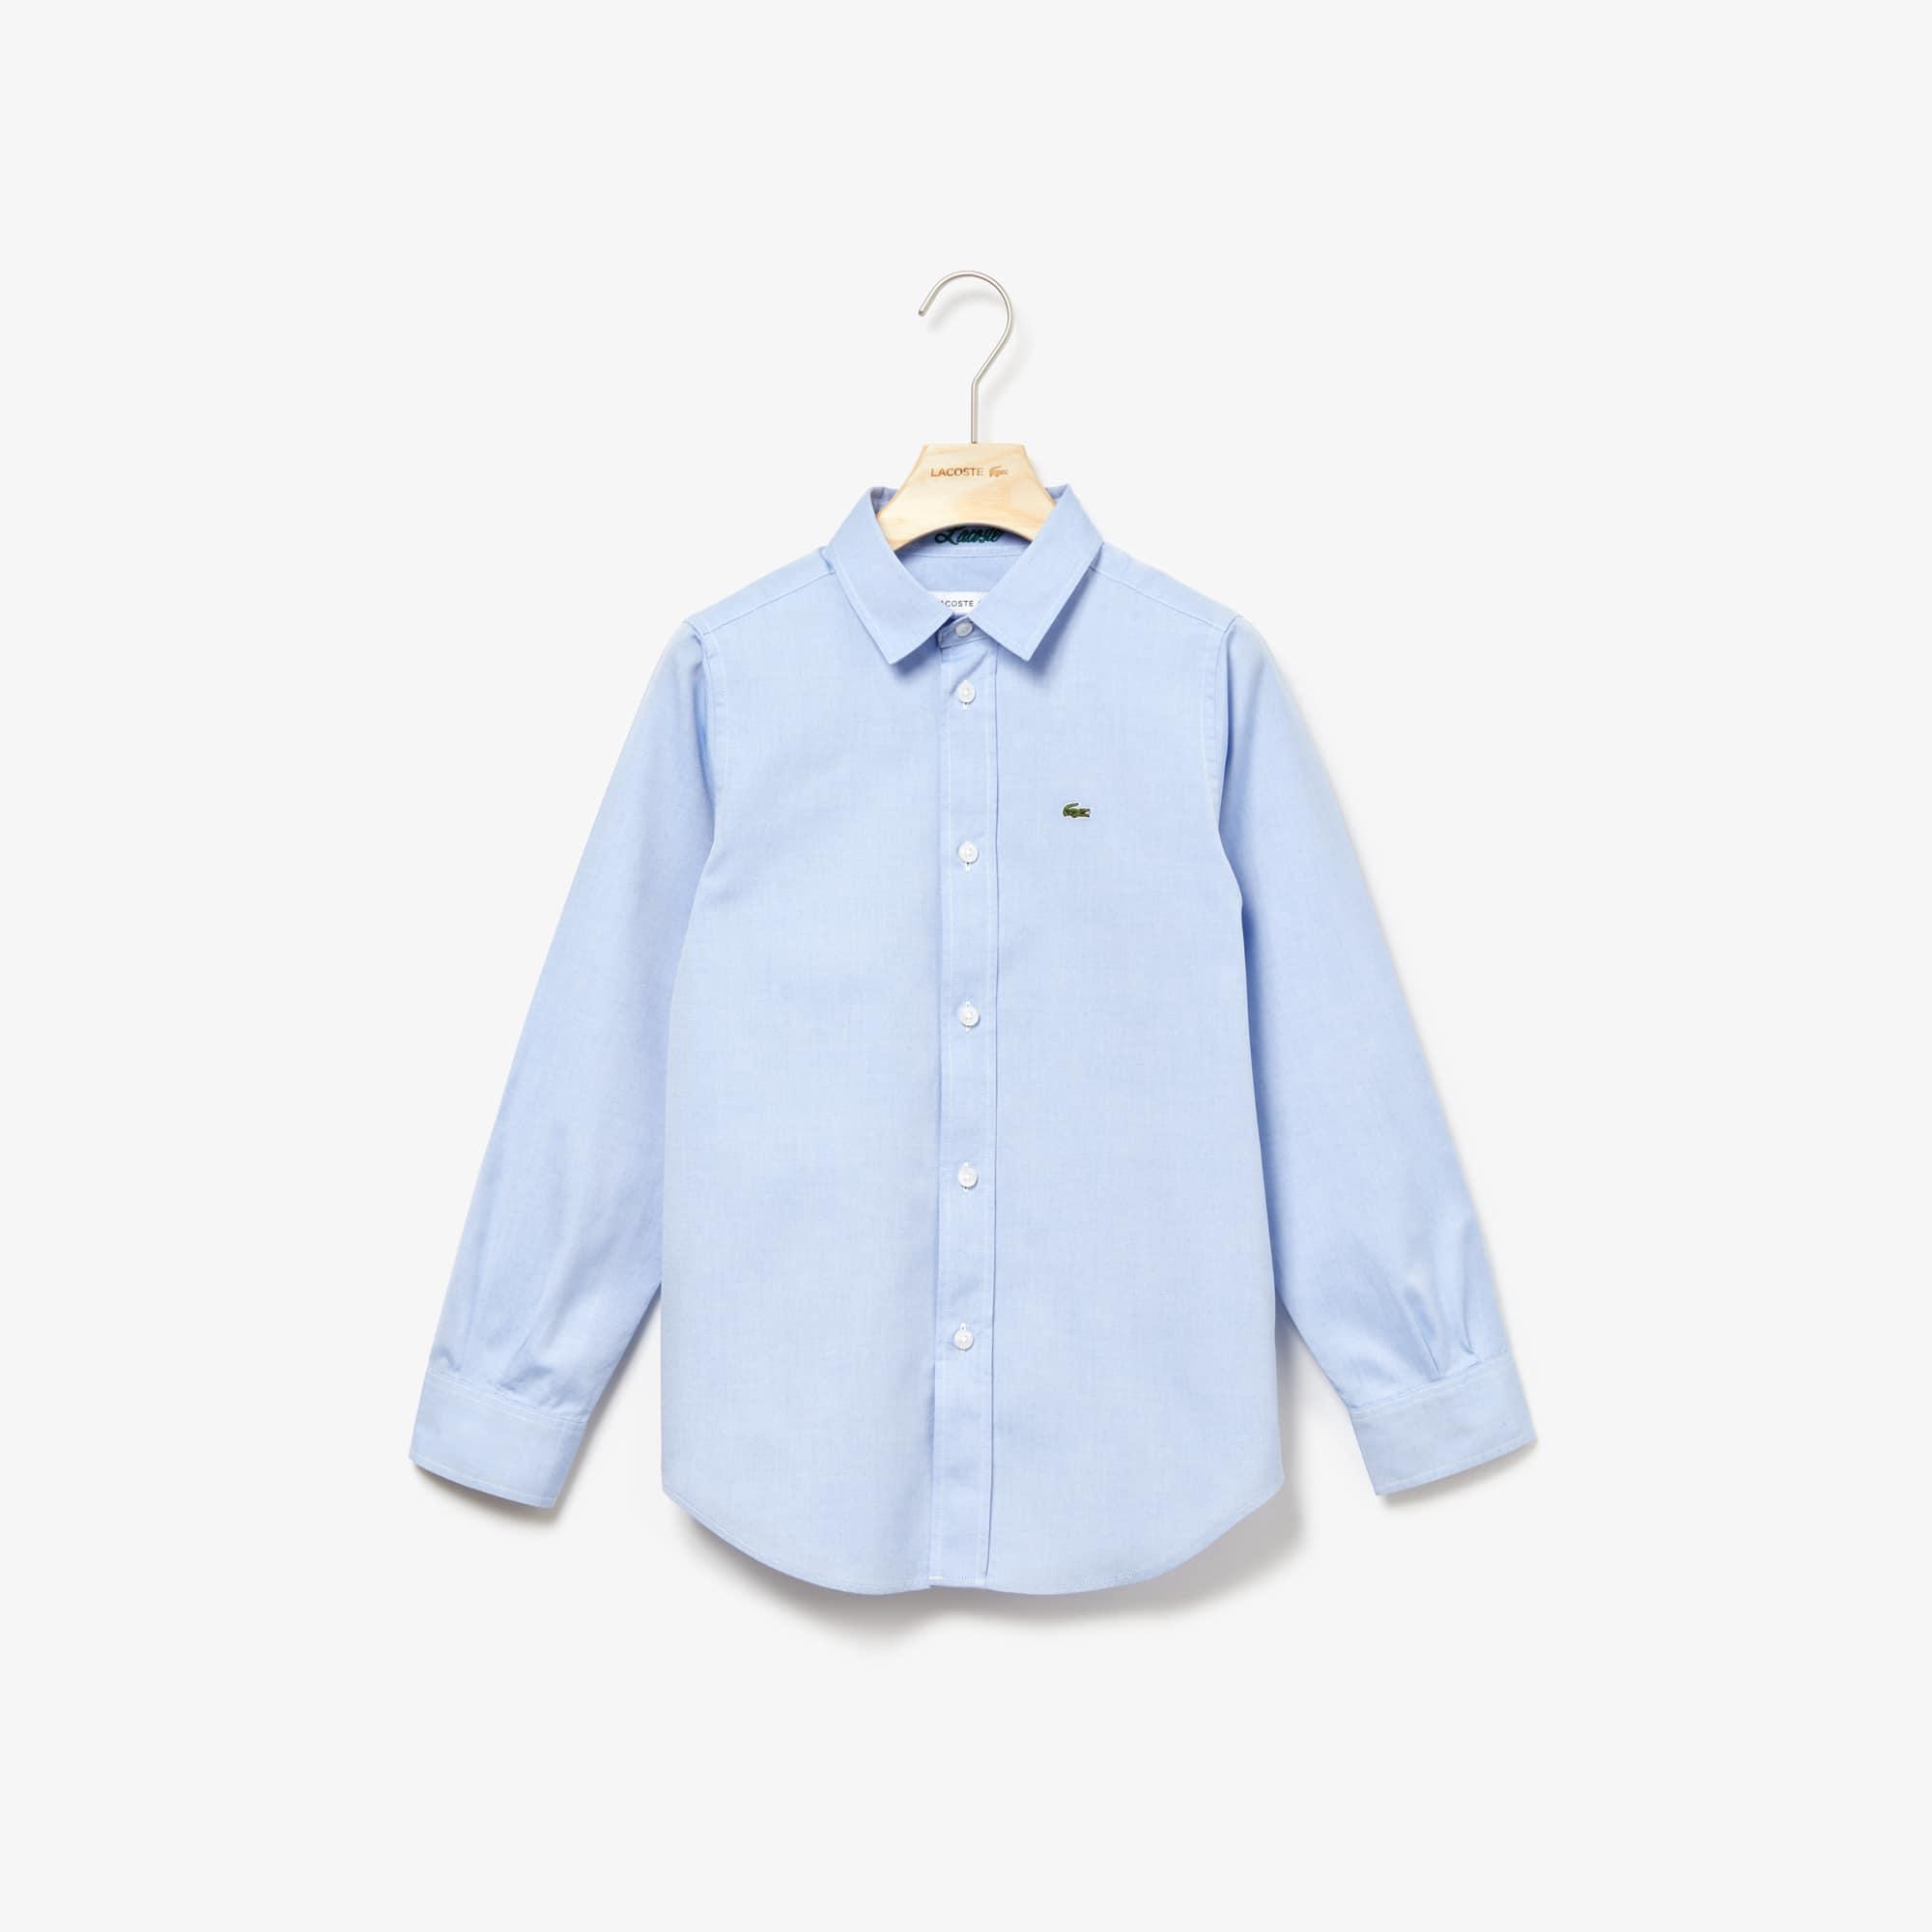 Camisa Criança em algodão Oxford unicolor